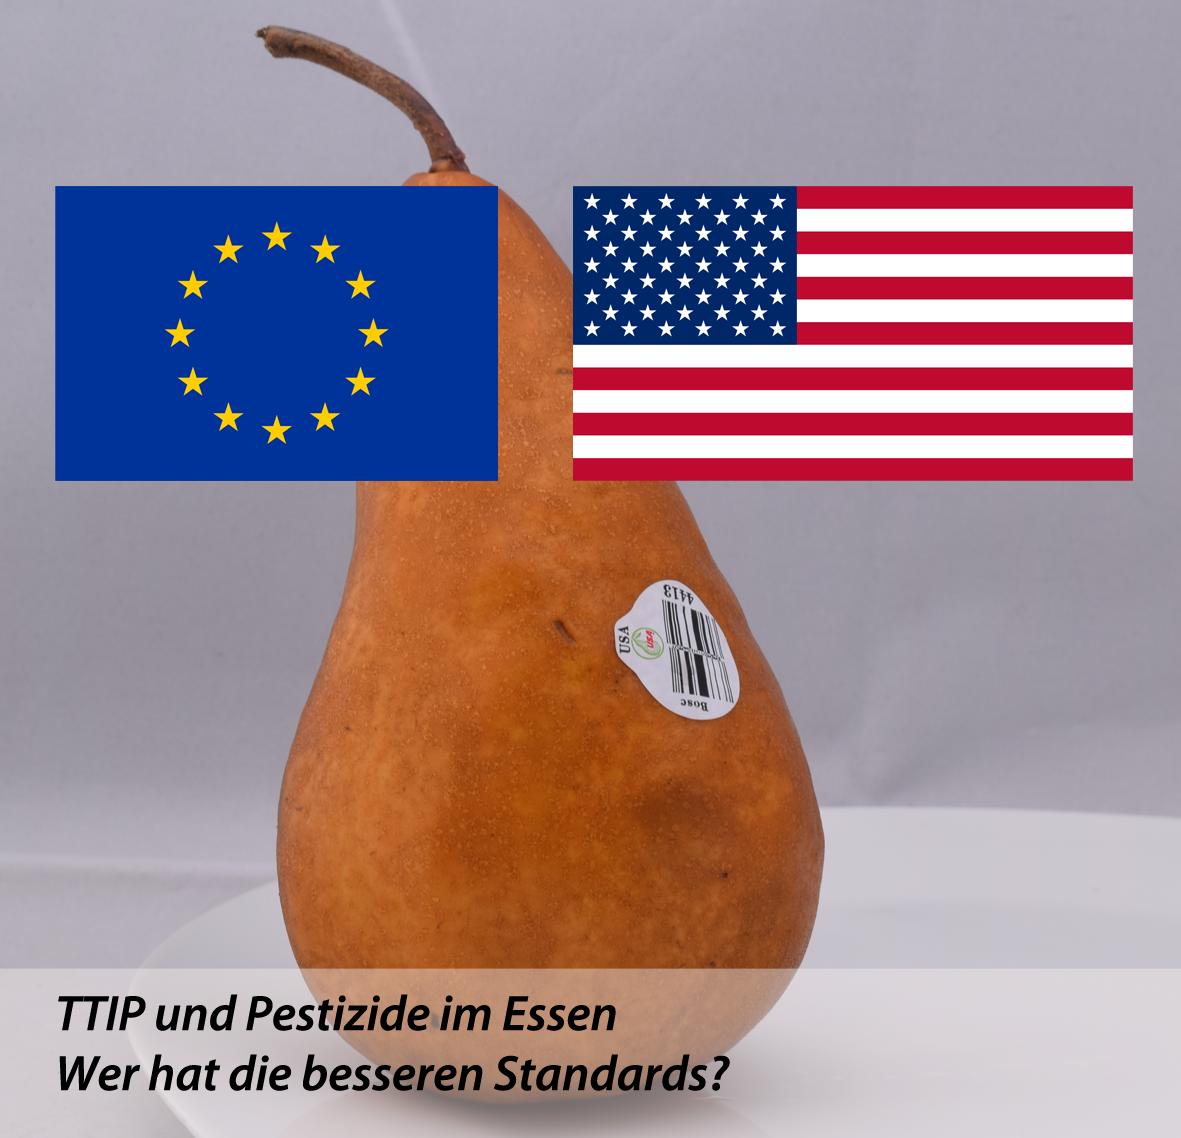 TTIP Und Pestizide Im Essen